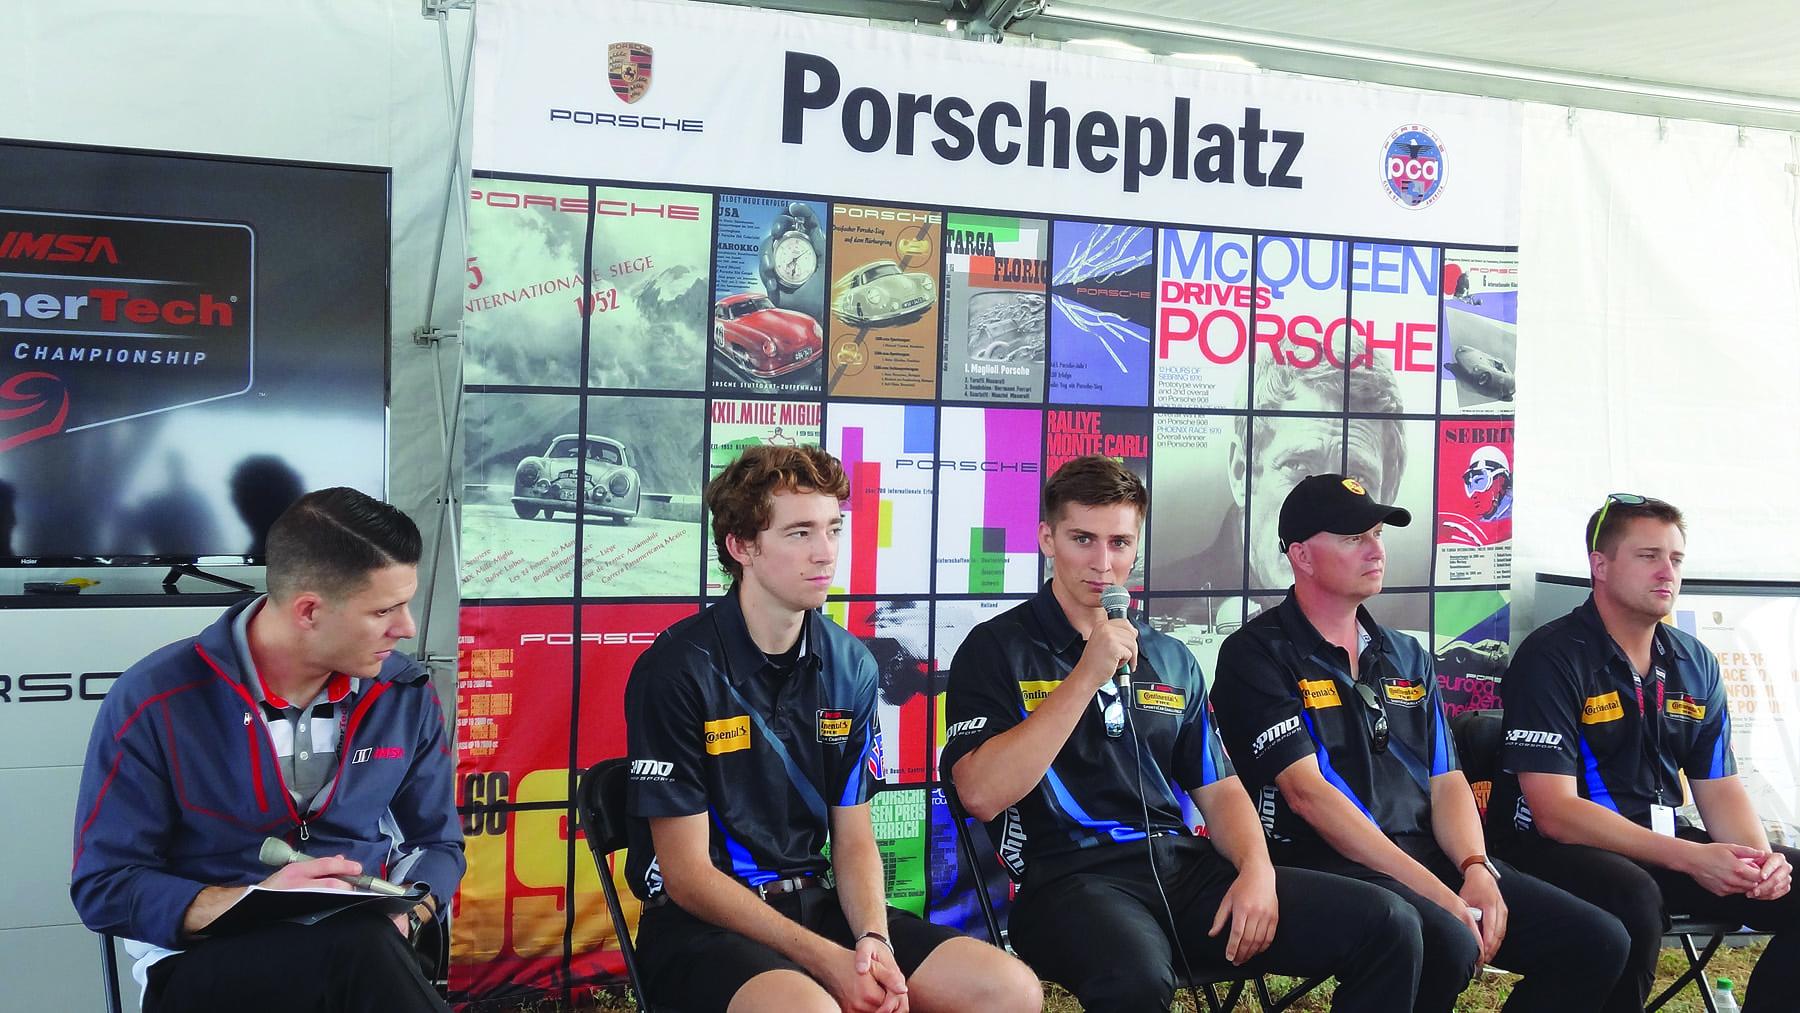 porscheplatz-by-kathleen-6